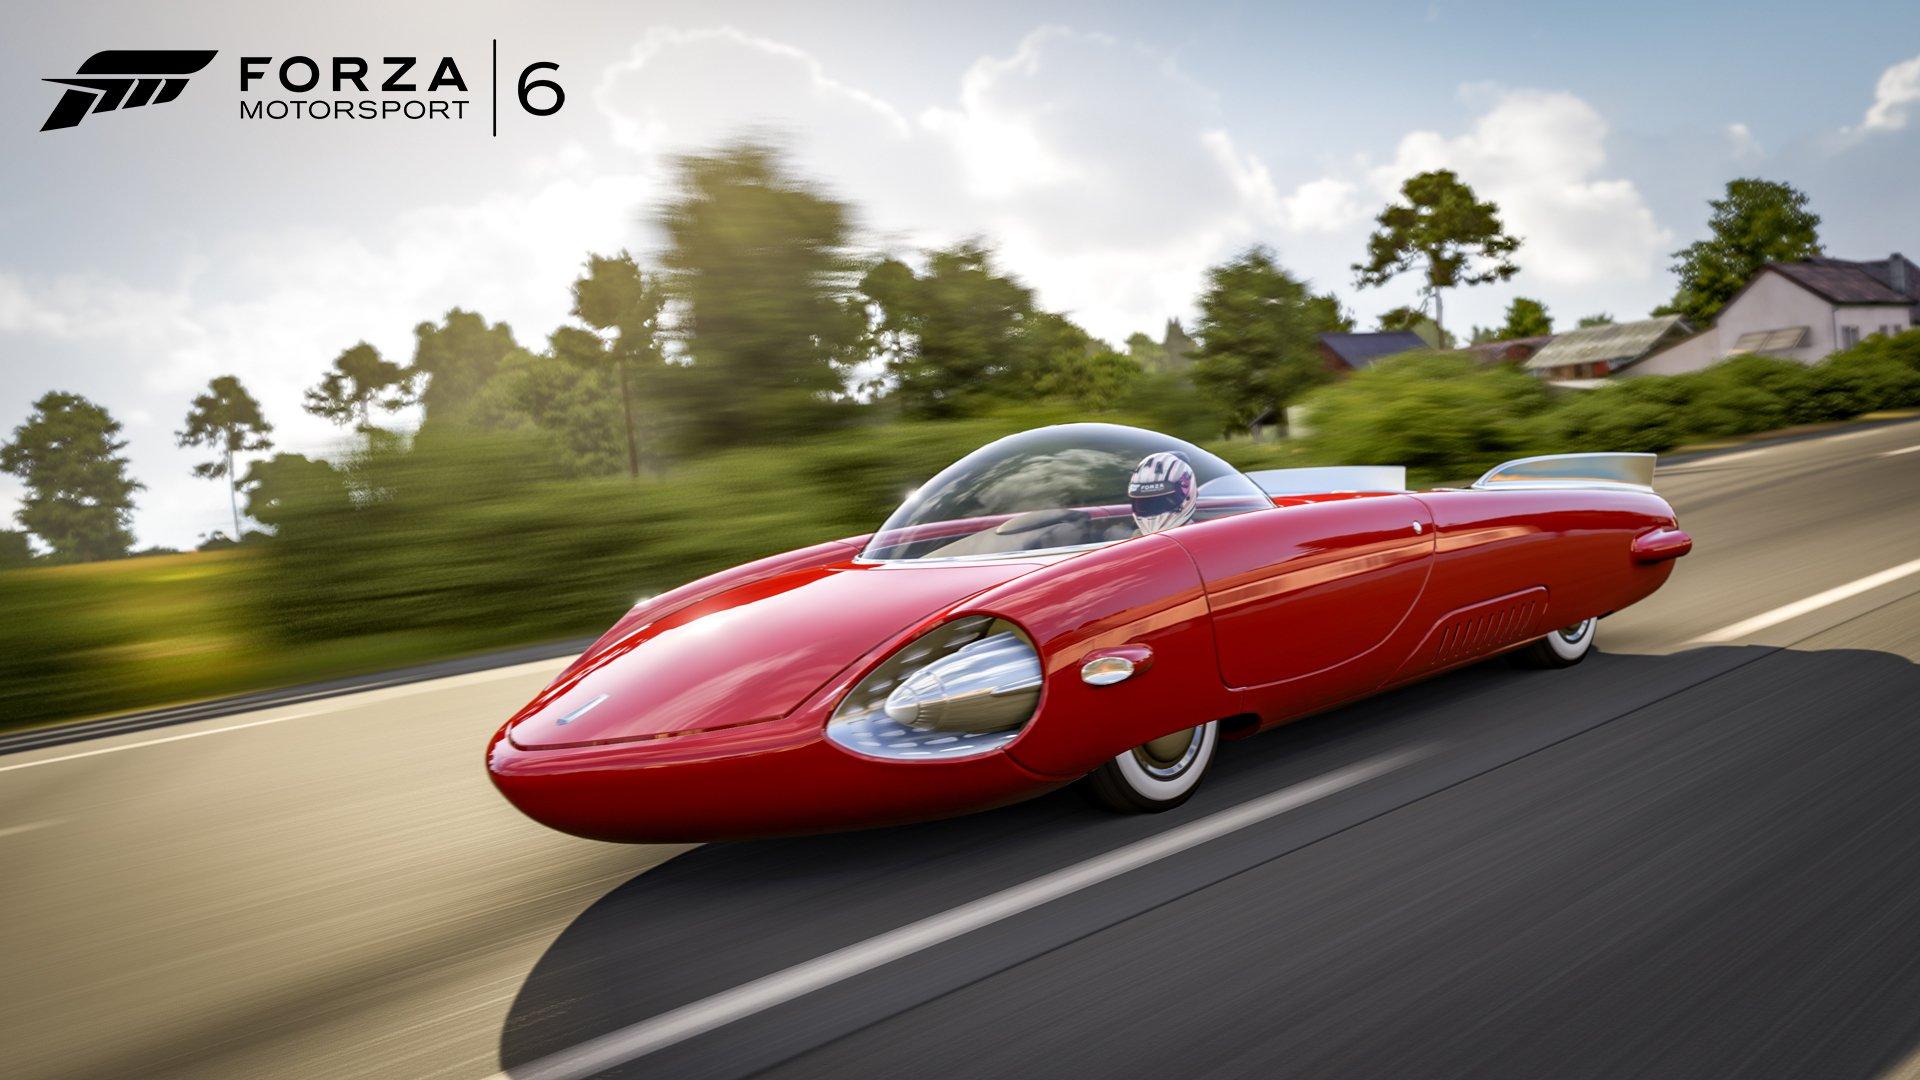 Пост-апокалиптическая тачка в Forza Motorsport 6 - Изображение 1